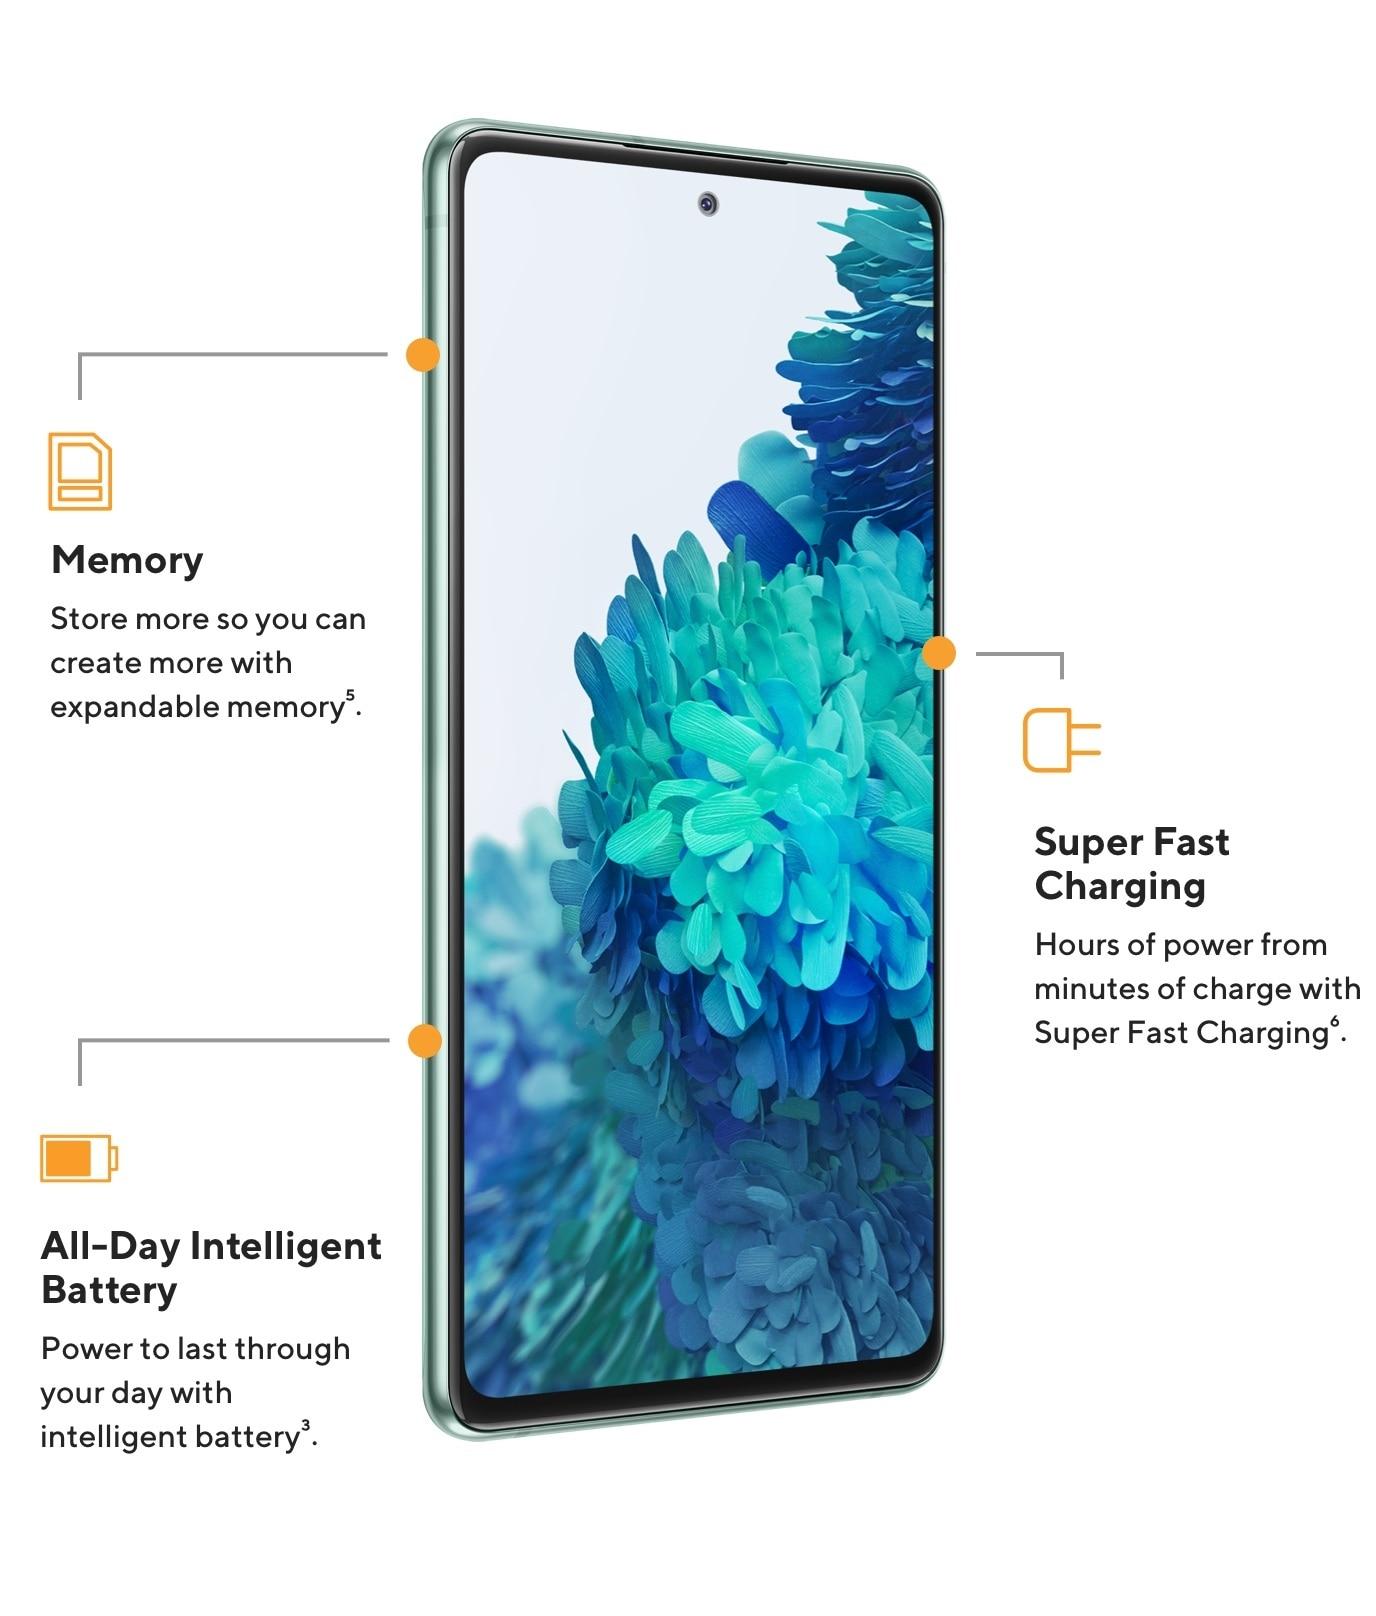 El Samsung Galaxy S205G tienememoria expansible para que puedas almacenar más, horas de uso con minutos de carga con la carga super rápida y energía que dura todo el día con la batería inteligente.